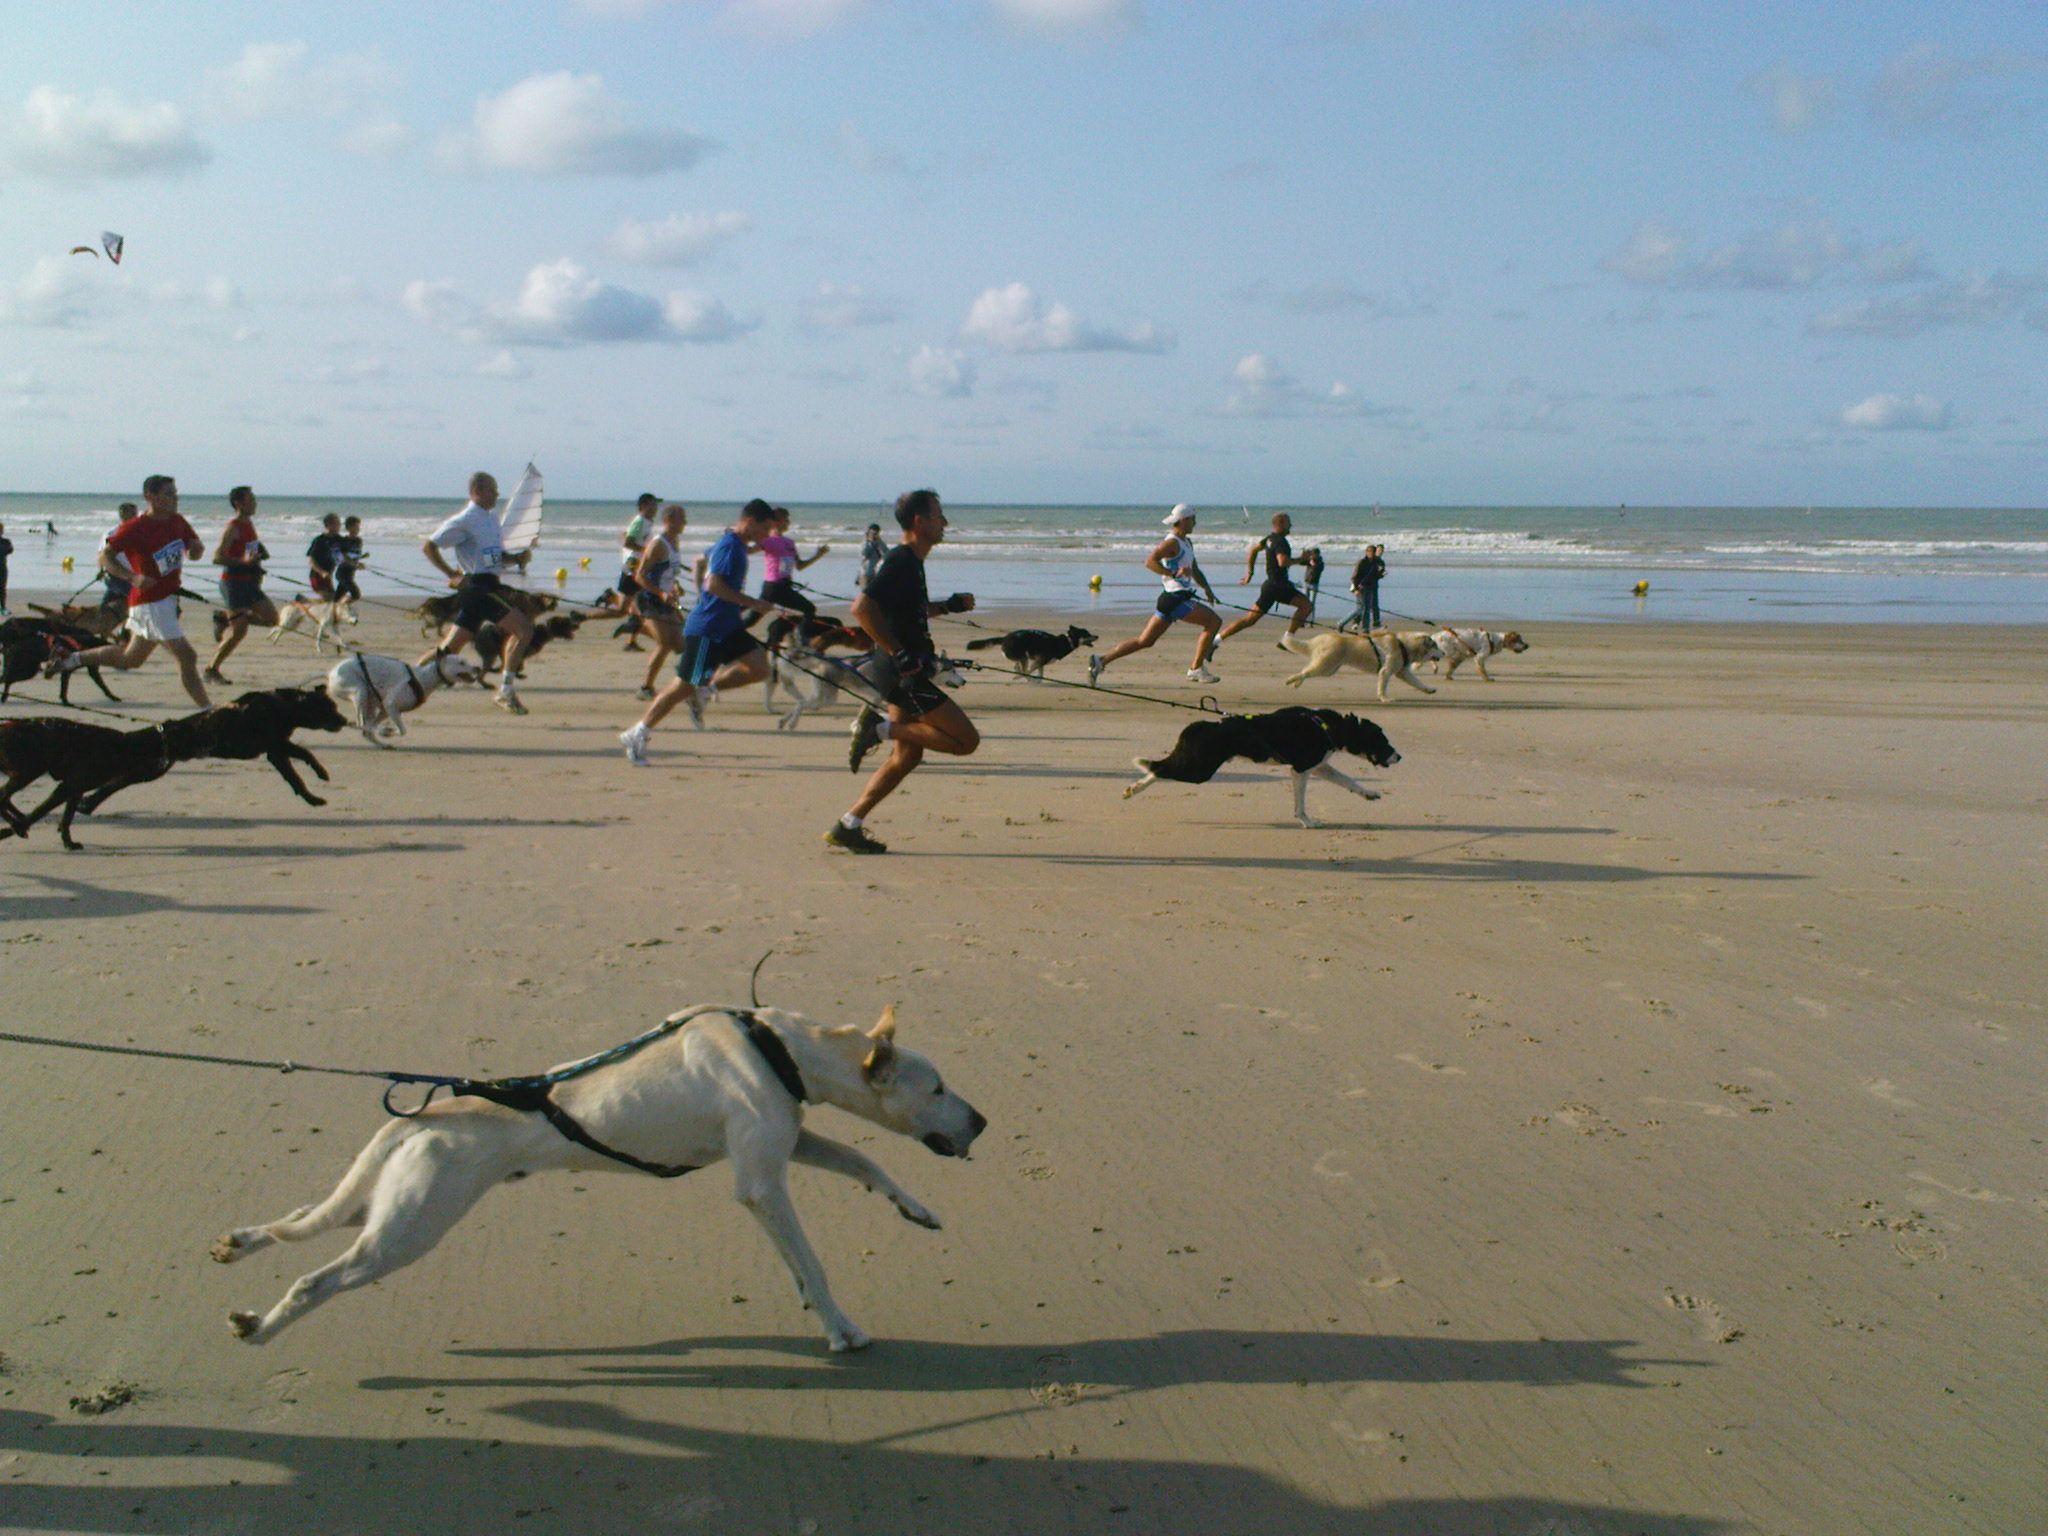 """Einmal im Jahr gibt es ein etwas ungewöhnliches Sportspektakel: das """"CaniCross""""! Ein 20km Rennen entlang des Strandes und hinauf auf die Kreidefelsen, bei denen jeweils ein Hund sein Herrchen zieht - über einen Bauchgurt verbunden. Es gibt auch eine Mountainbike-Variante. Wirklich beeindruckend!    http://www.maisonbeaurevoir.eu/d/wassersport_in_der_normandie.htm"""